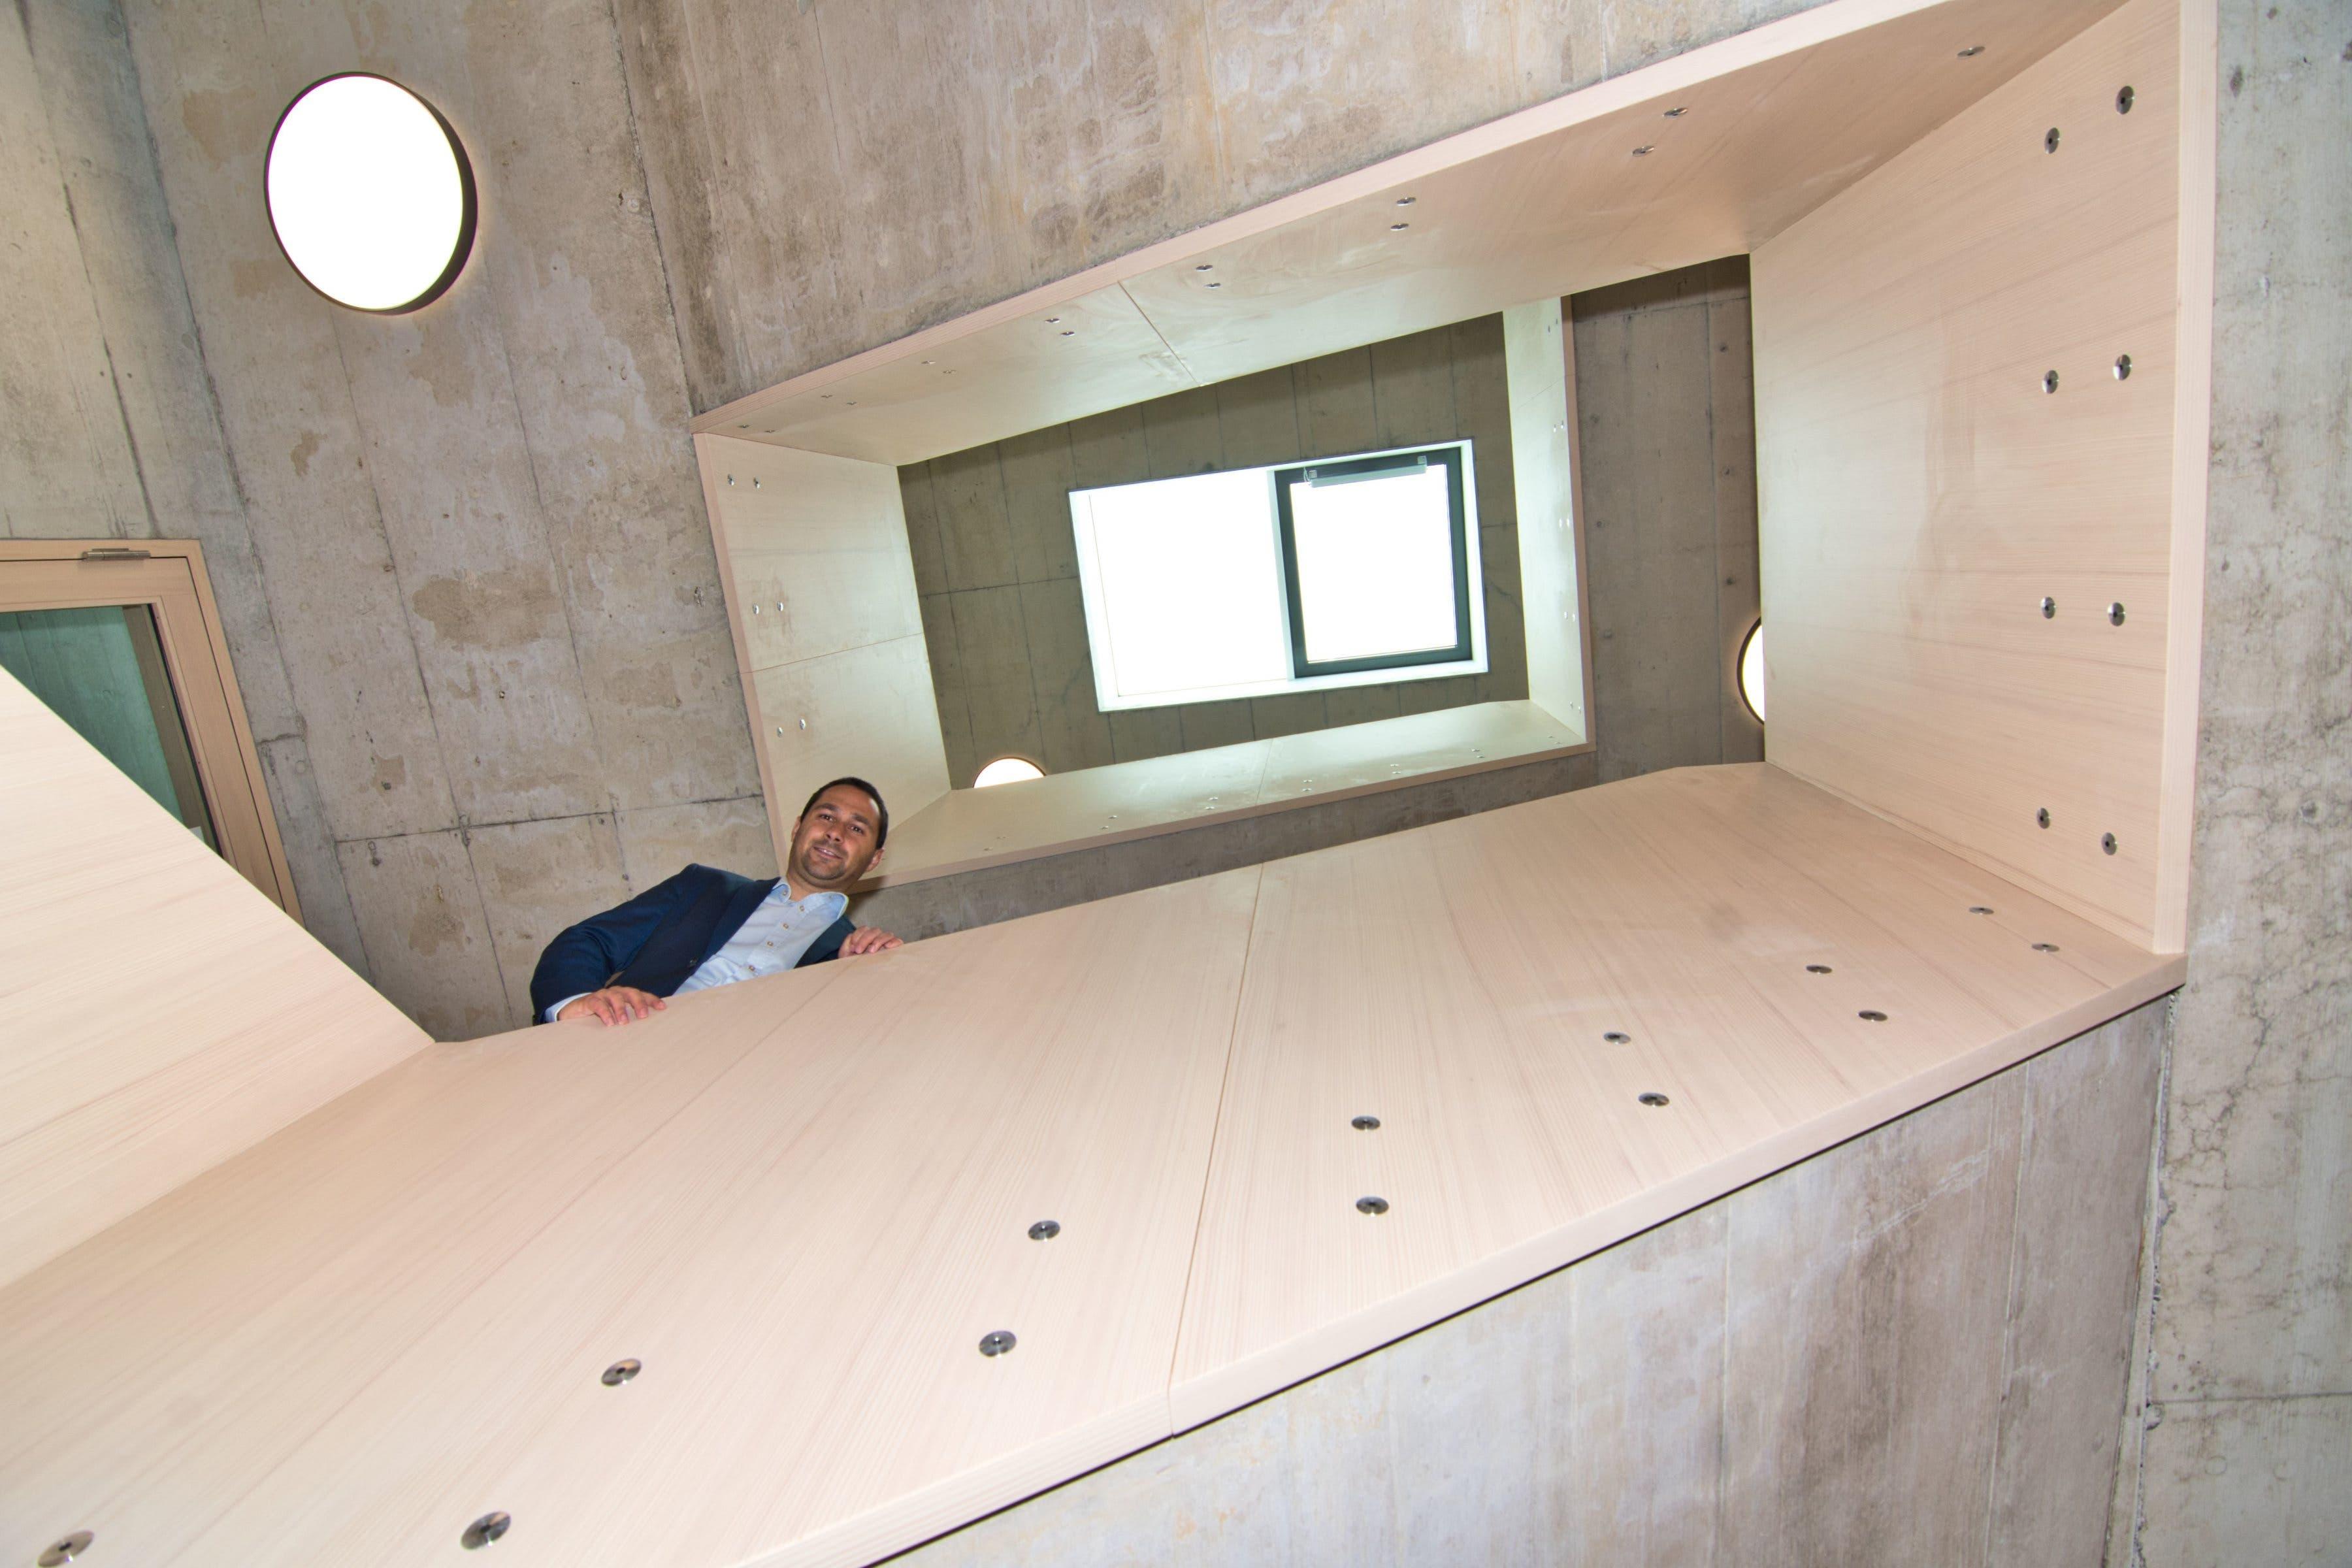 Gabriel Macedo im Treppenhaus in die zweite Etage unterwegs.